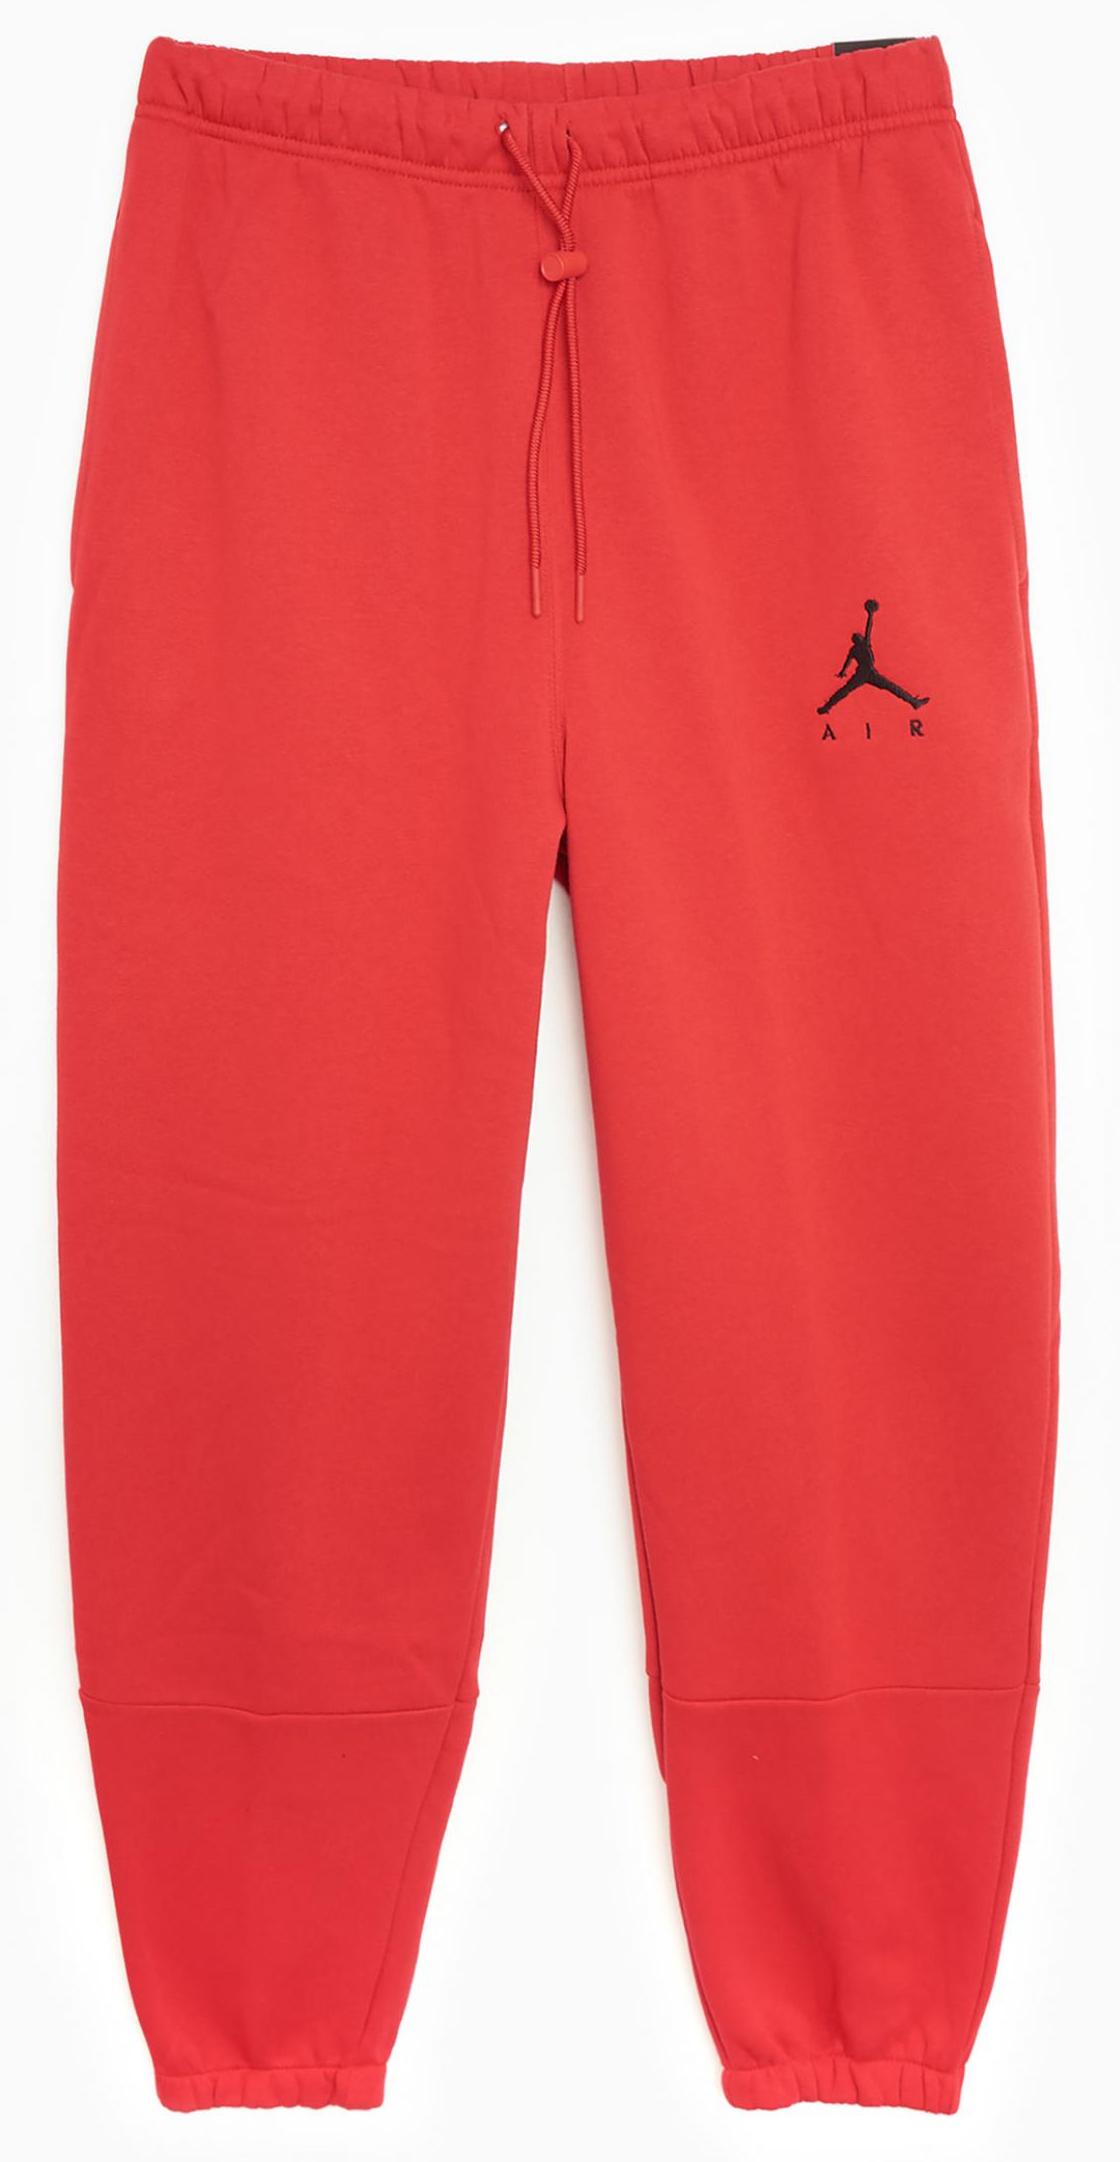 Nike Jordan Jumpman Air Fleece Trousers M S